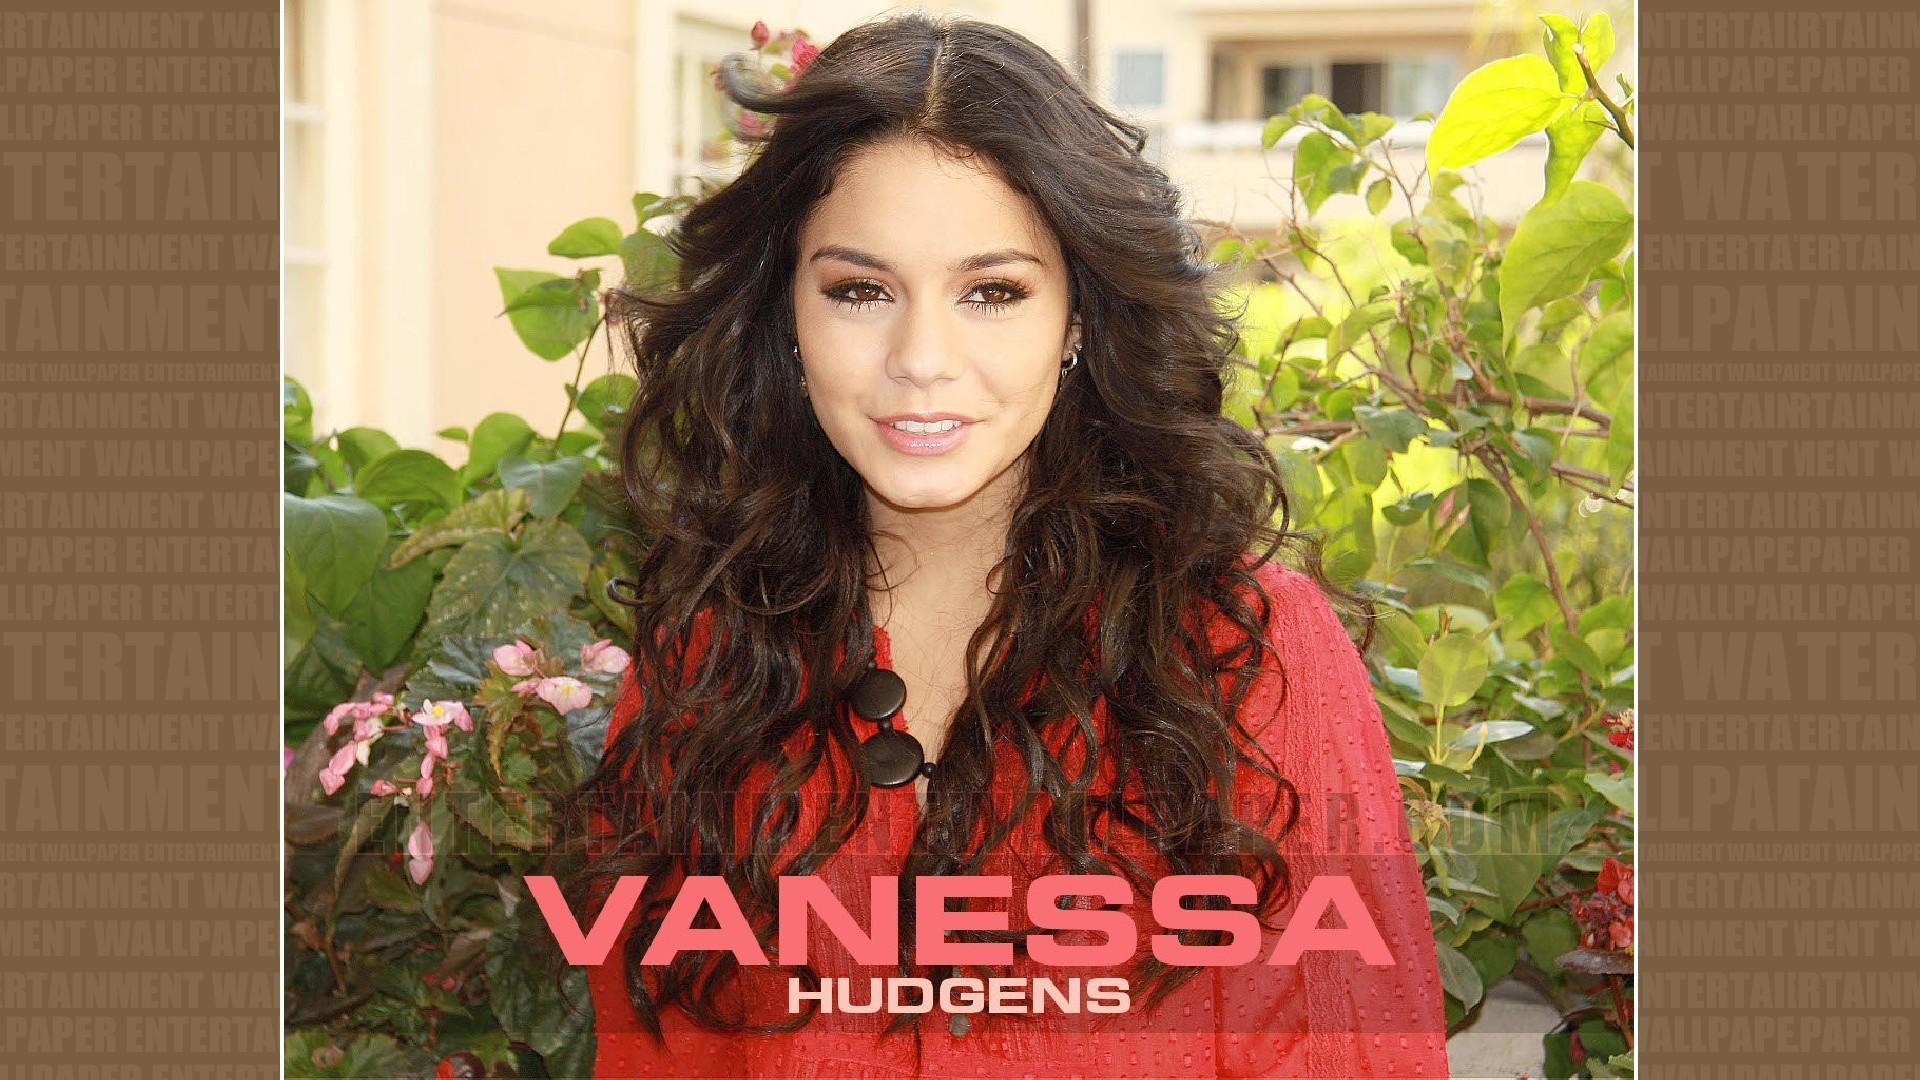 Res: 1920x1080, Vanessa Hudgens Wallpaper - Original size, download now.